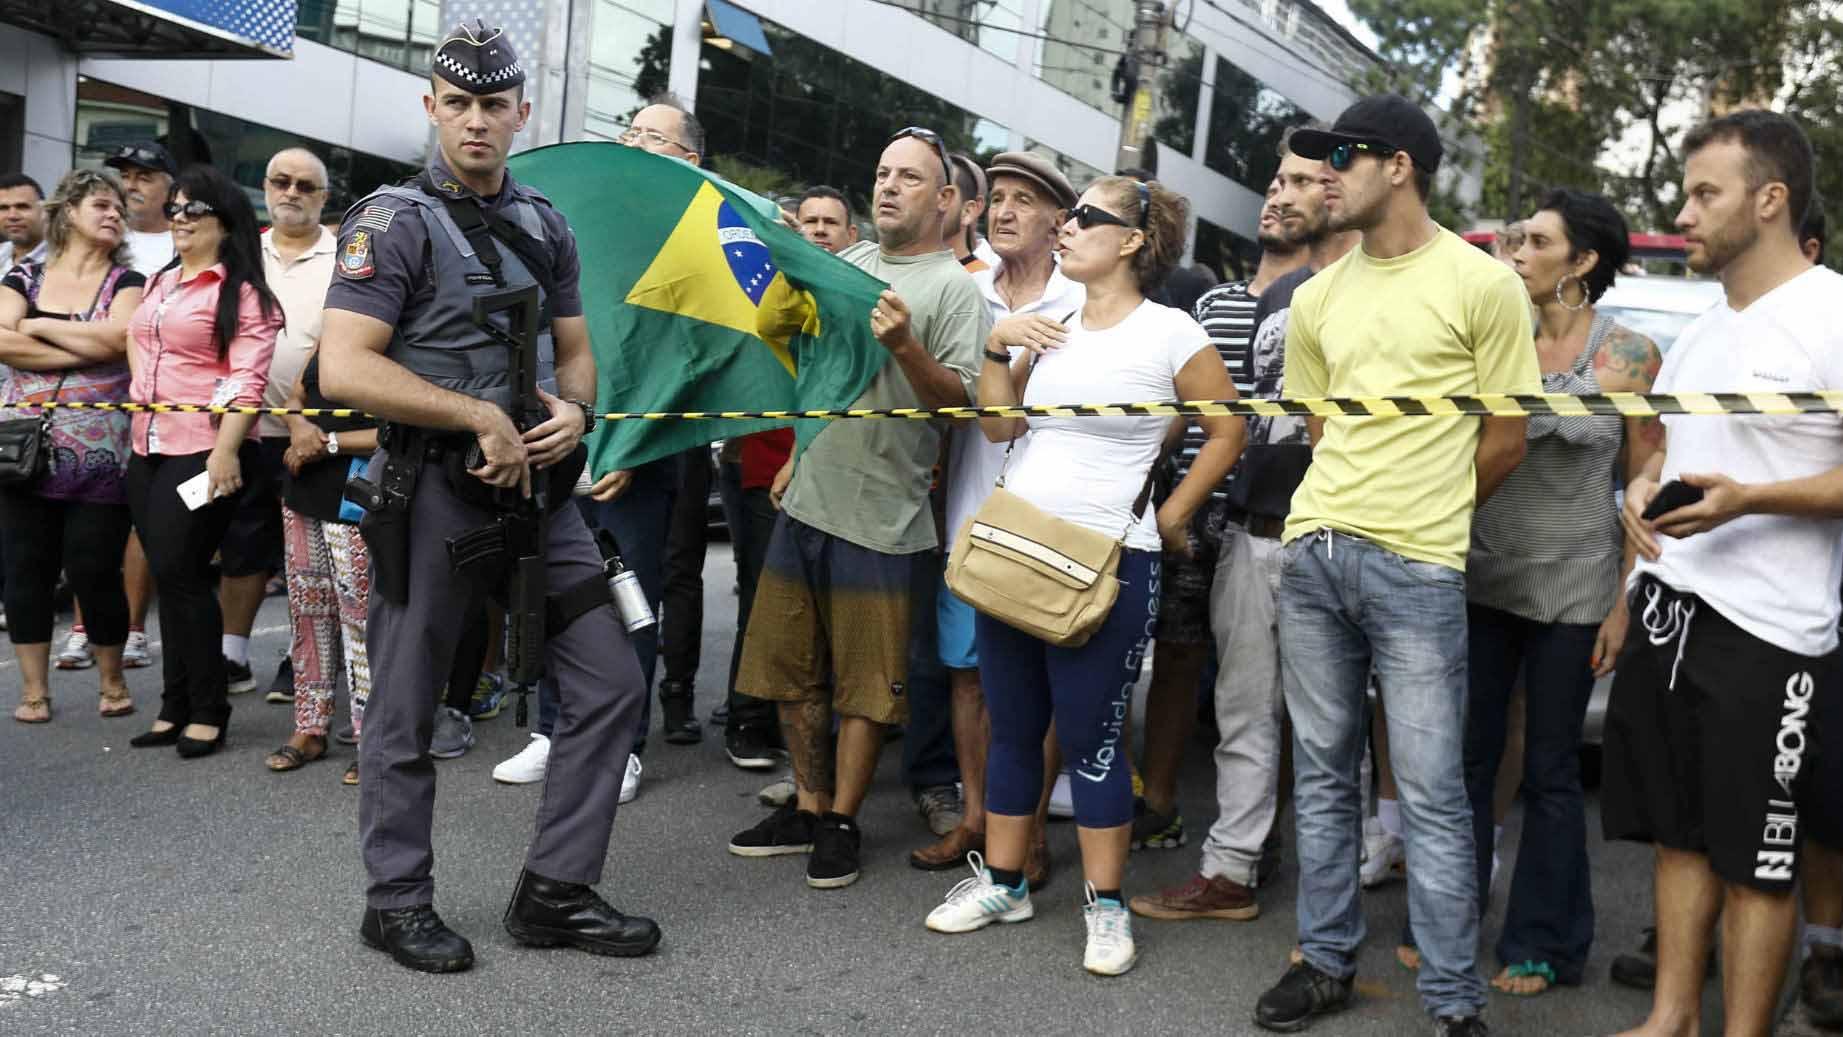 Las autoridades gubernamentales de Espírito Santo iniciaron un proceso contra funcionarios por delito de revuelta